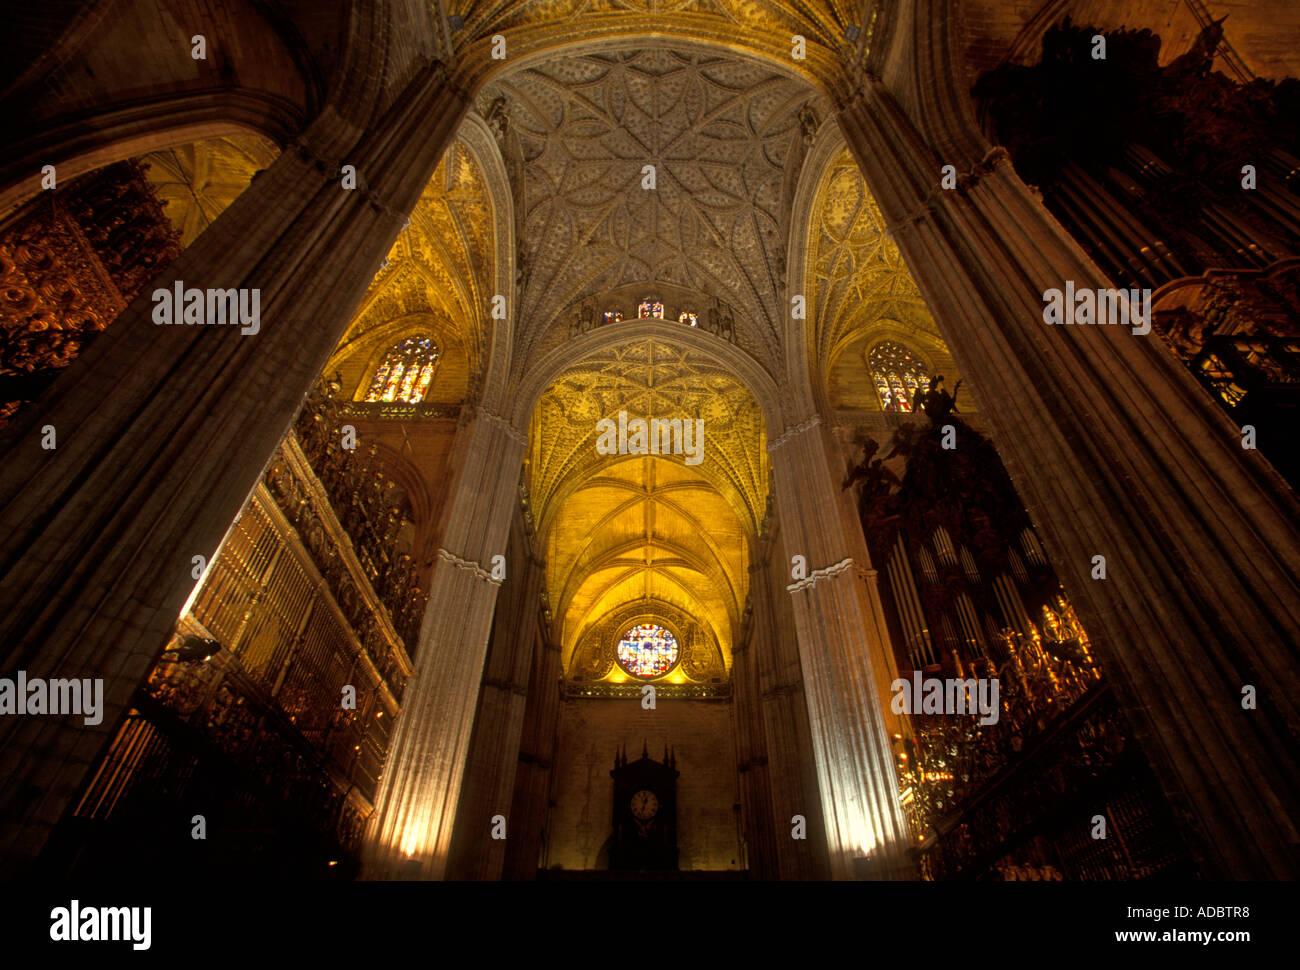 Volta a botte soffitto a volta del xv secolo il cattolicesimo